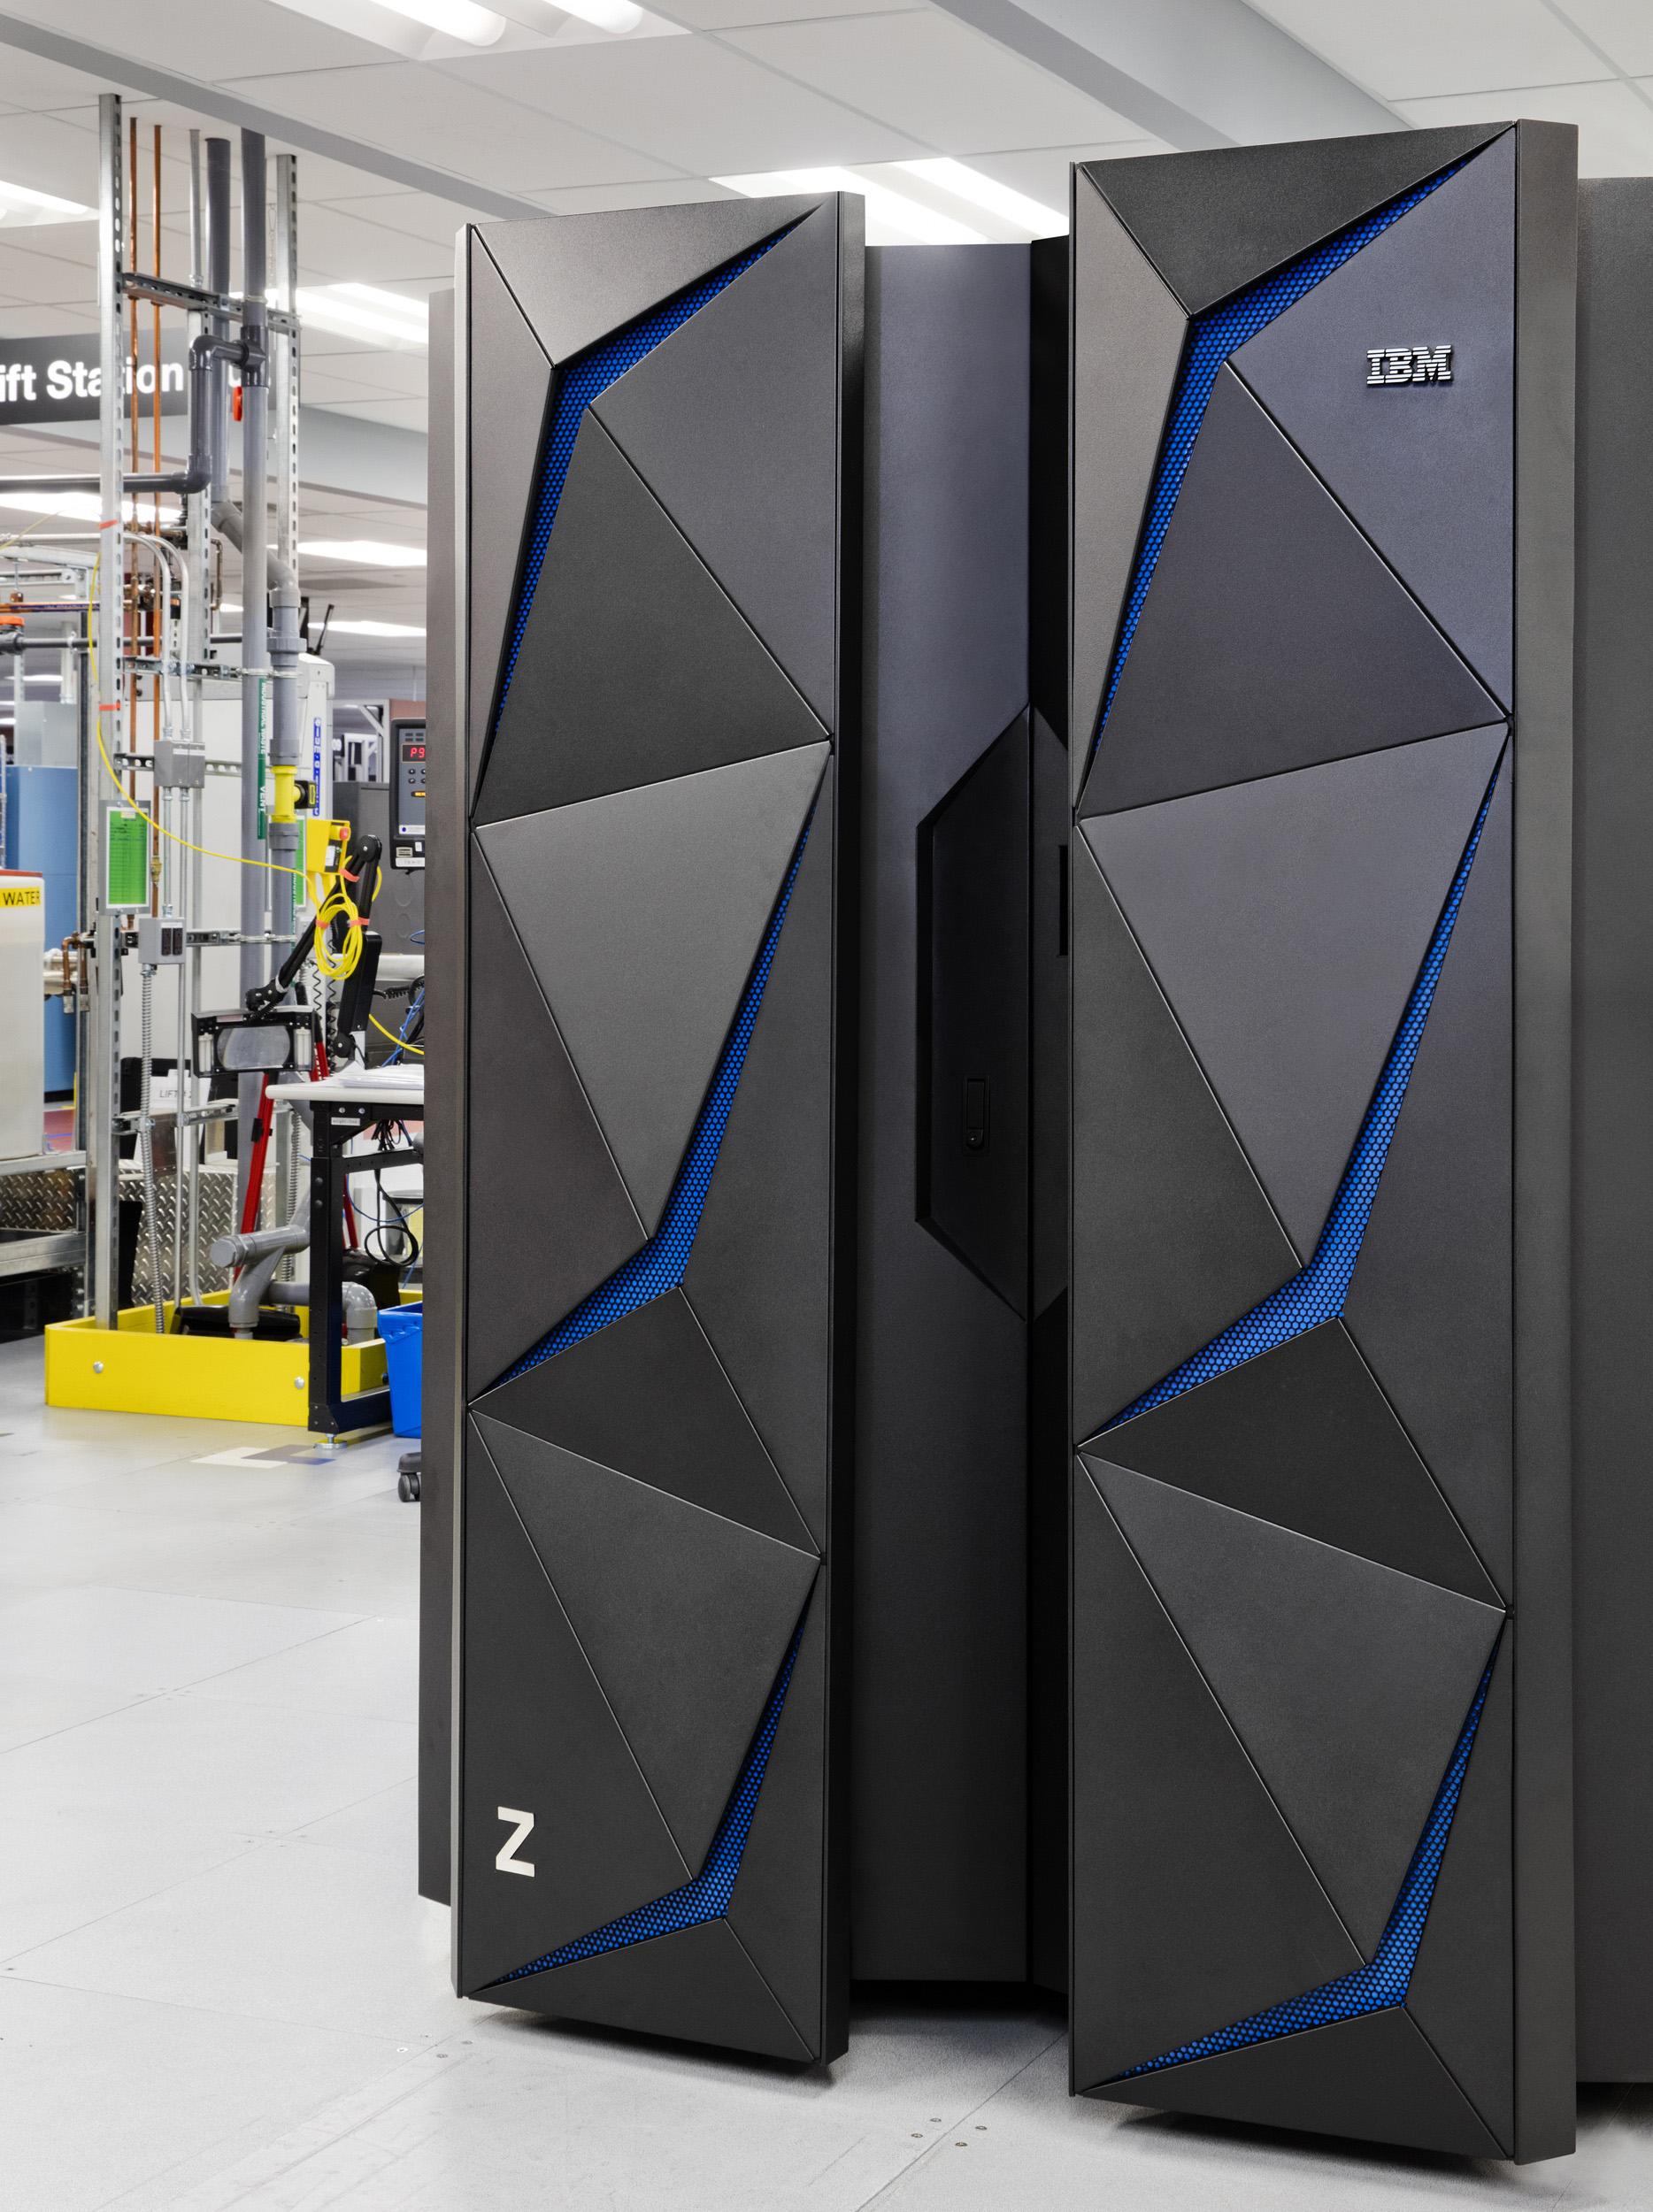 IBM NYSE IBM IBM Z  Live Trading News